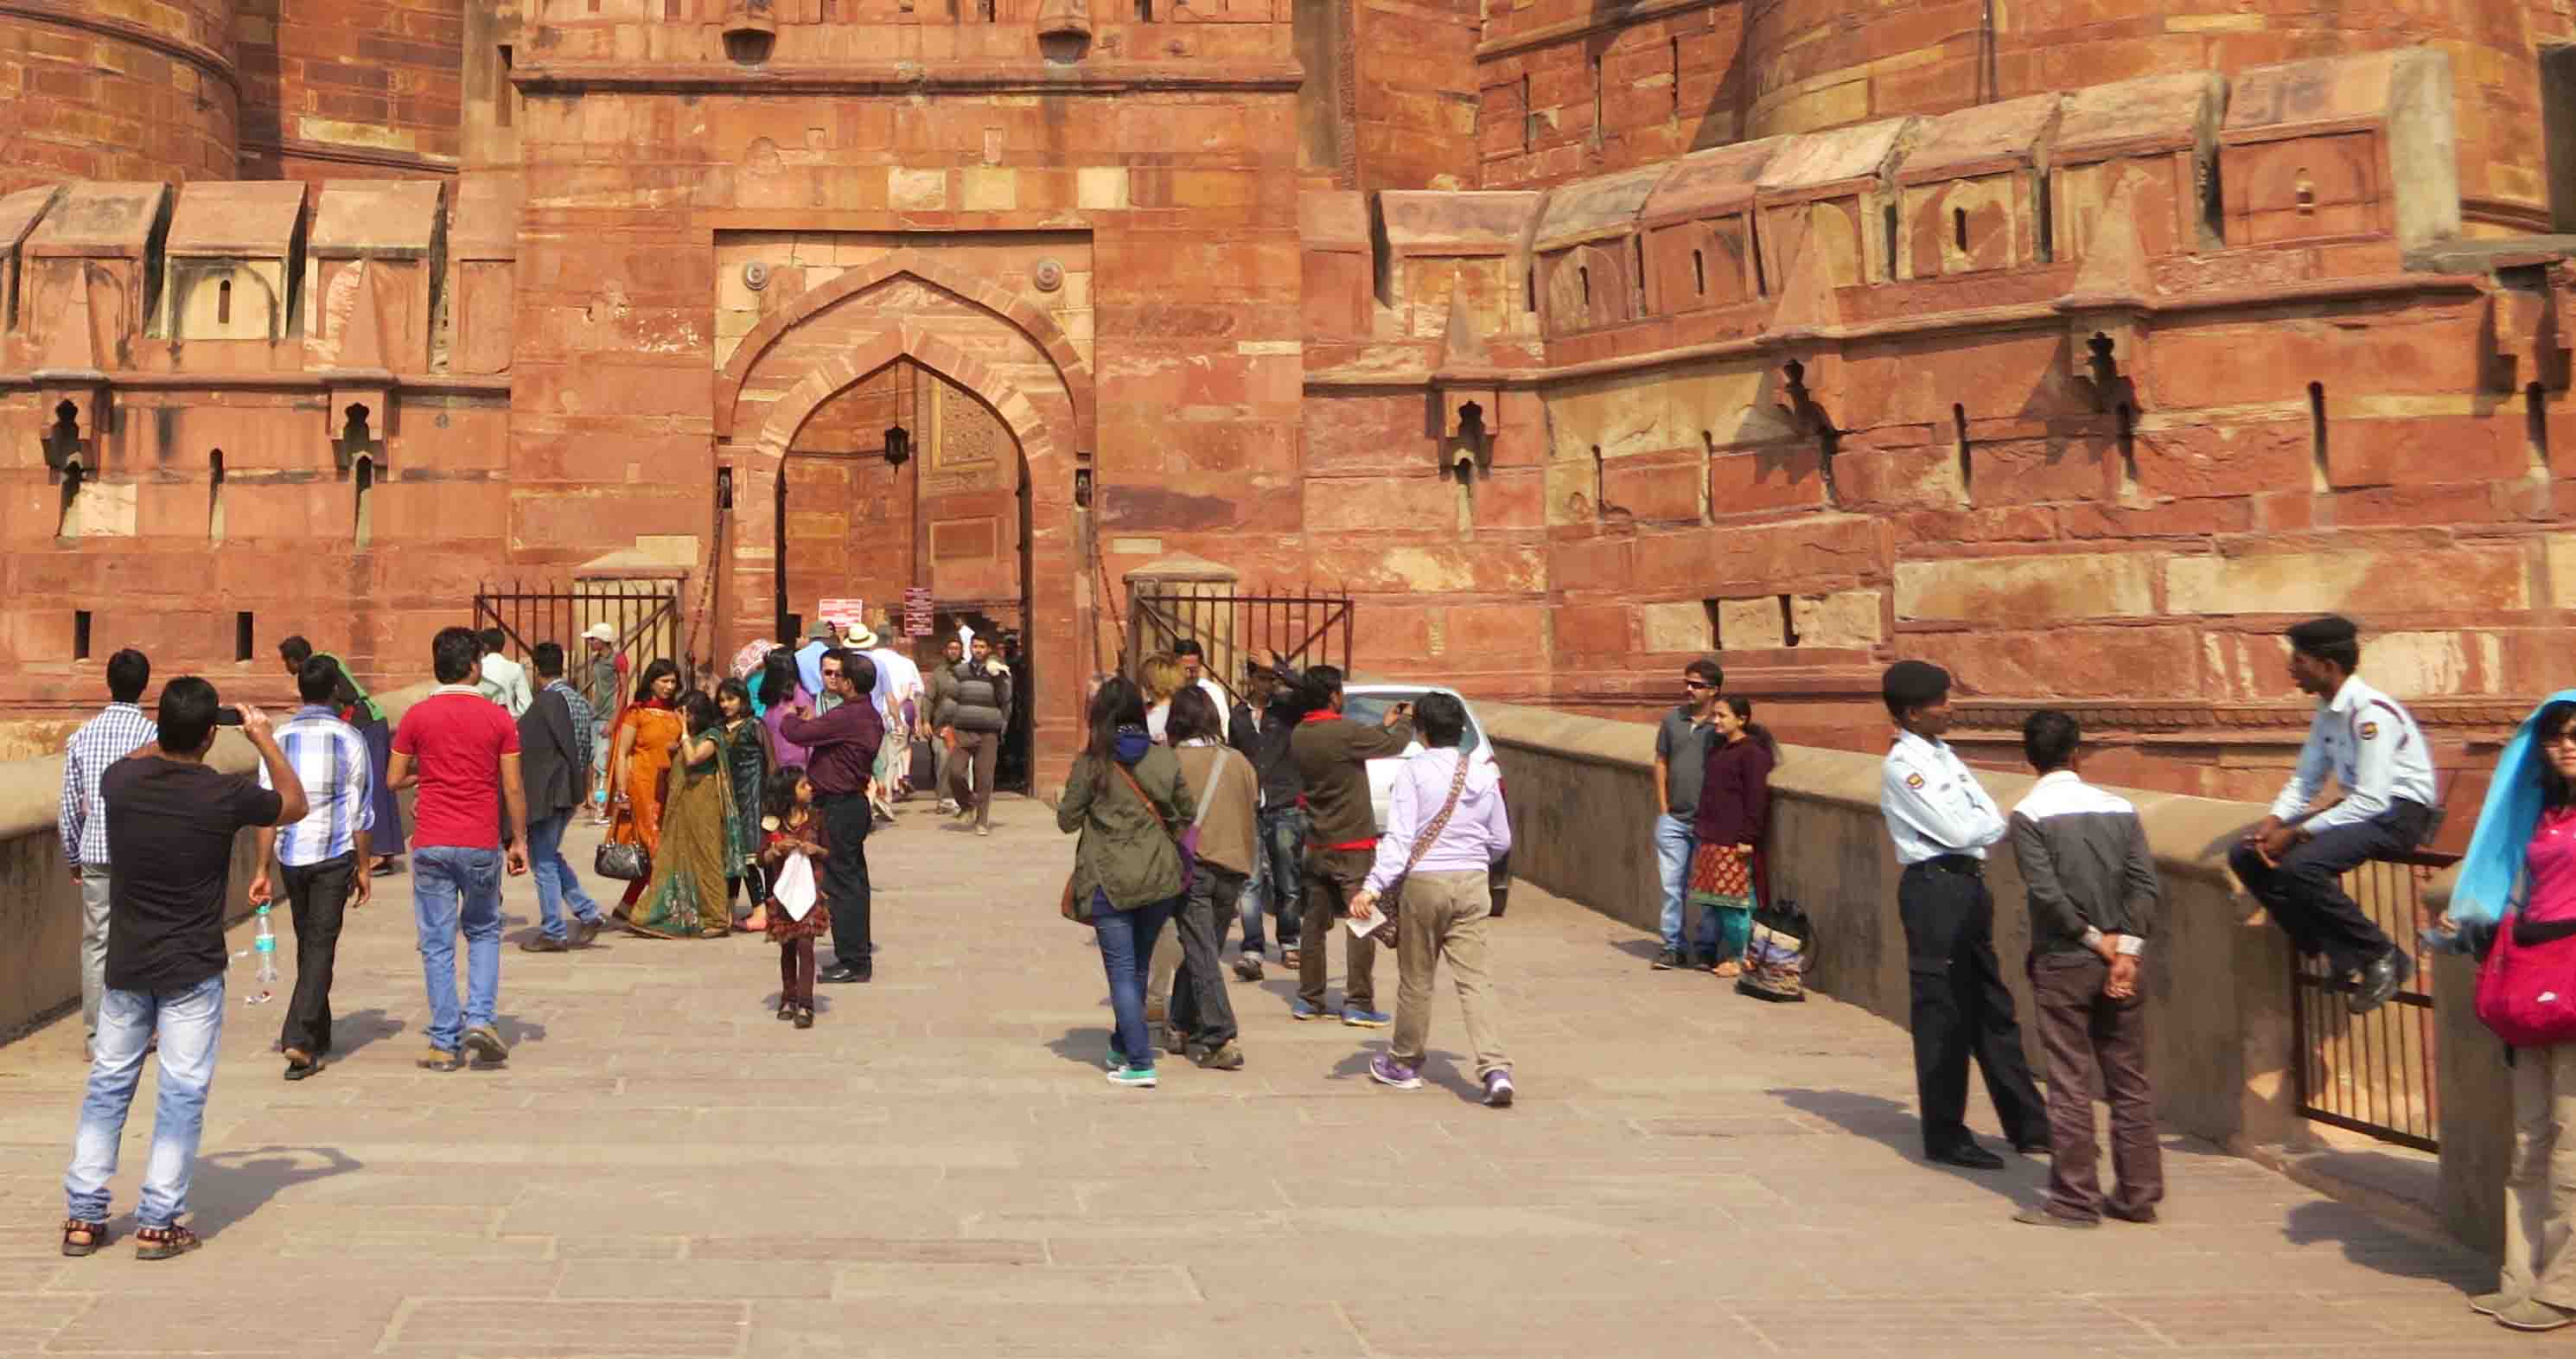 Una estación de tren de la popular Agra se vio afectada por dos estallidos sin que afectara a ninguna persona